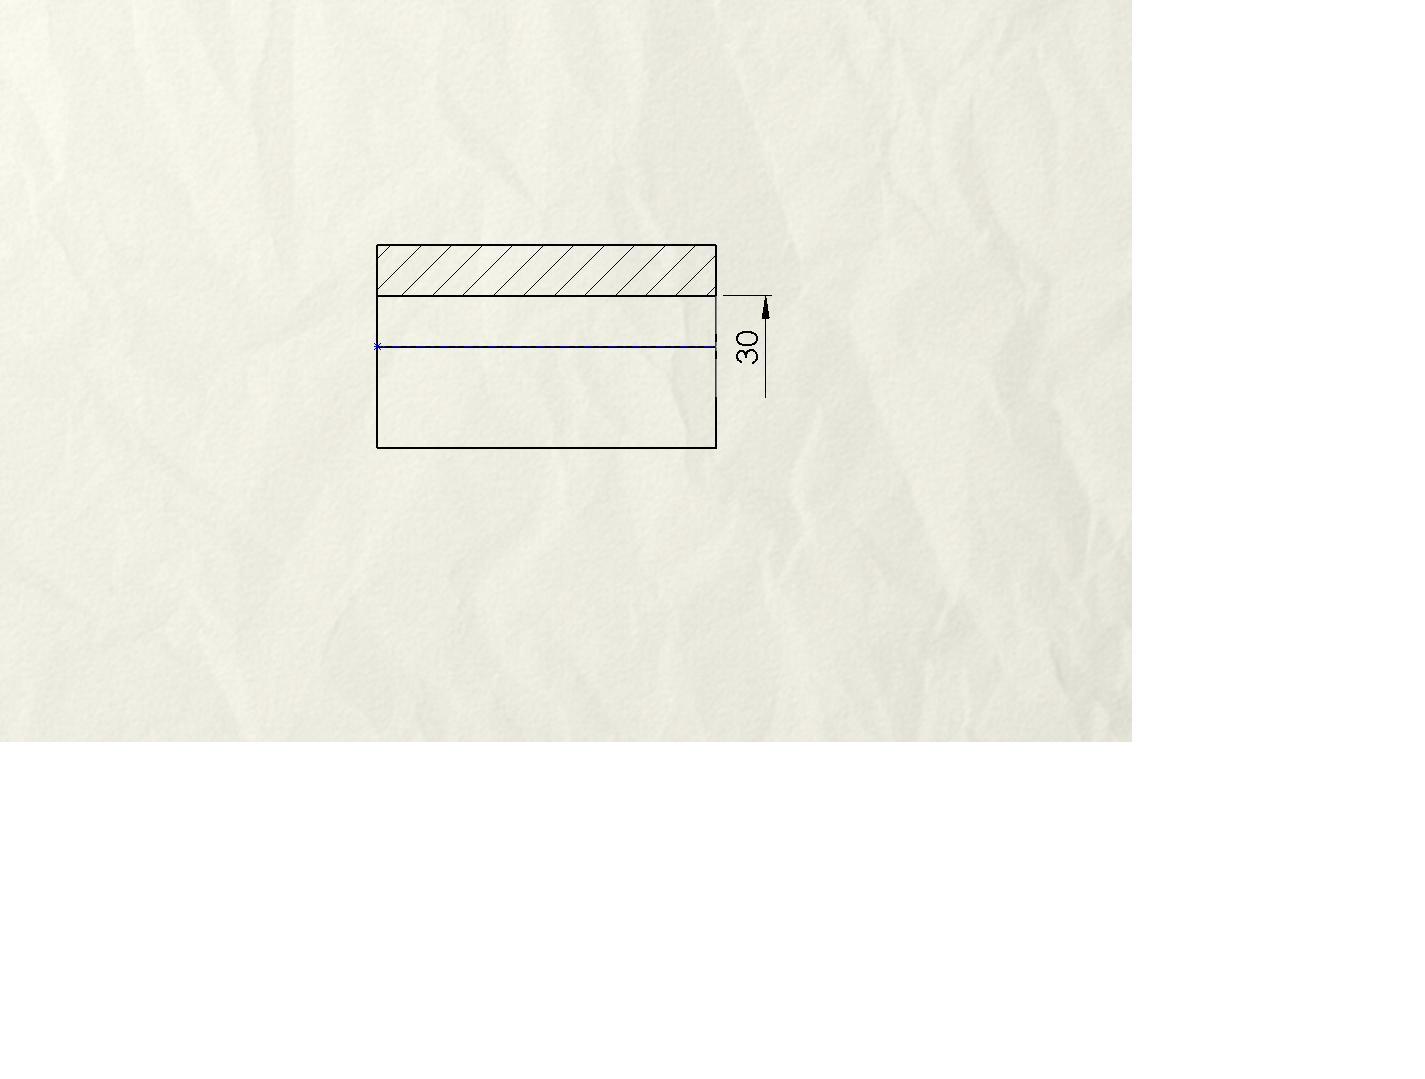 CAD软件技术学习交流区工程图标注图纸在So什么附加问题底板上的意思施工图片